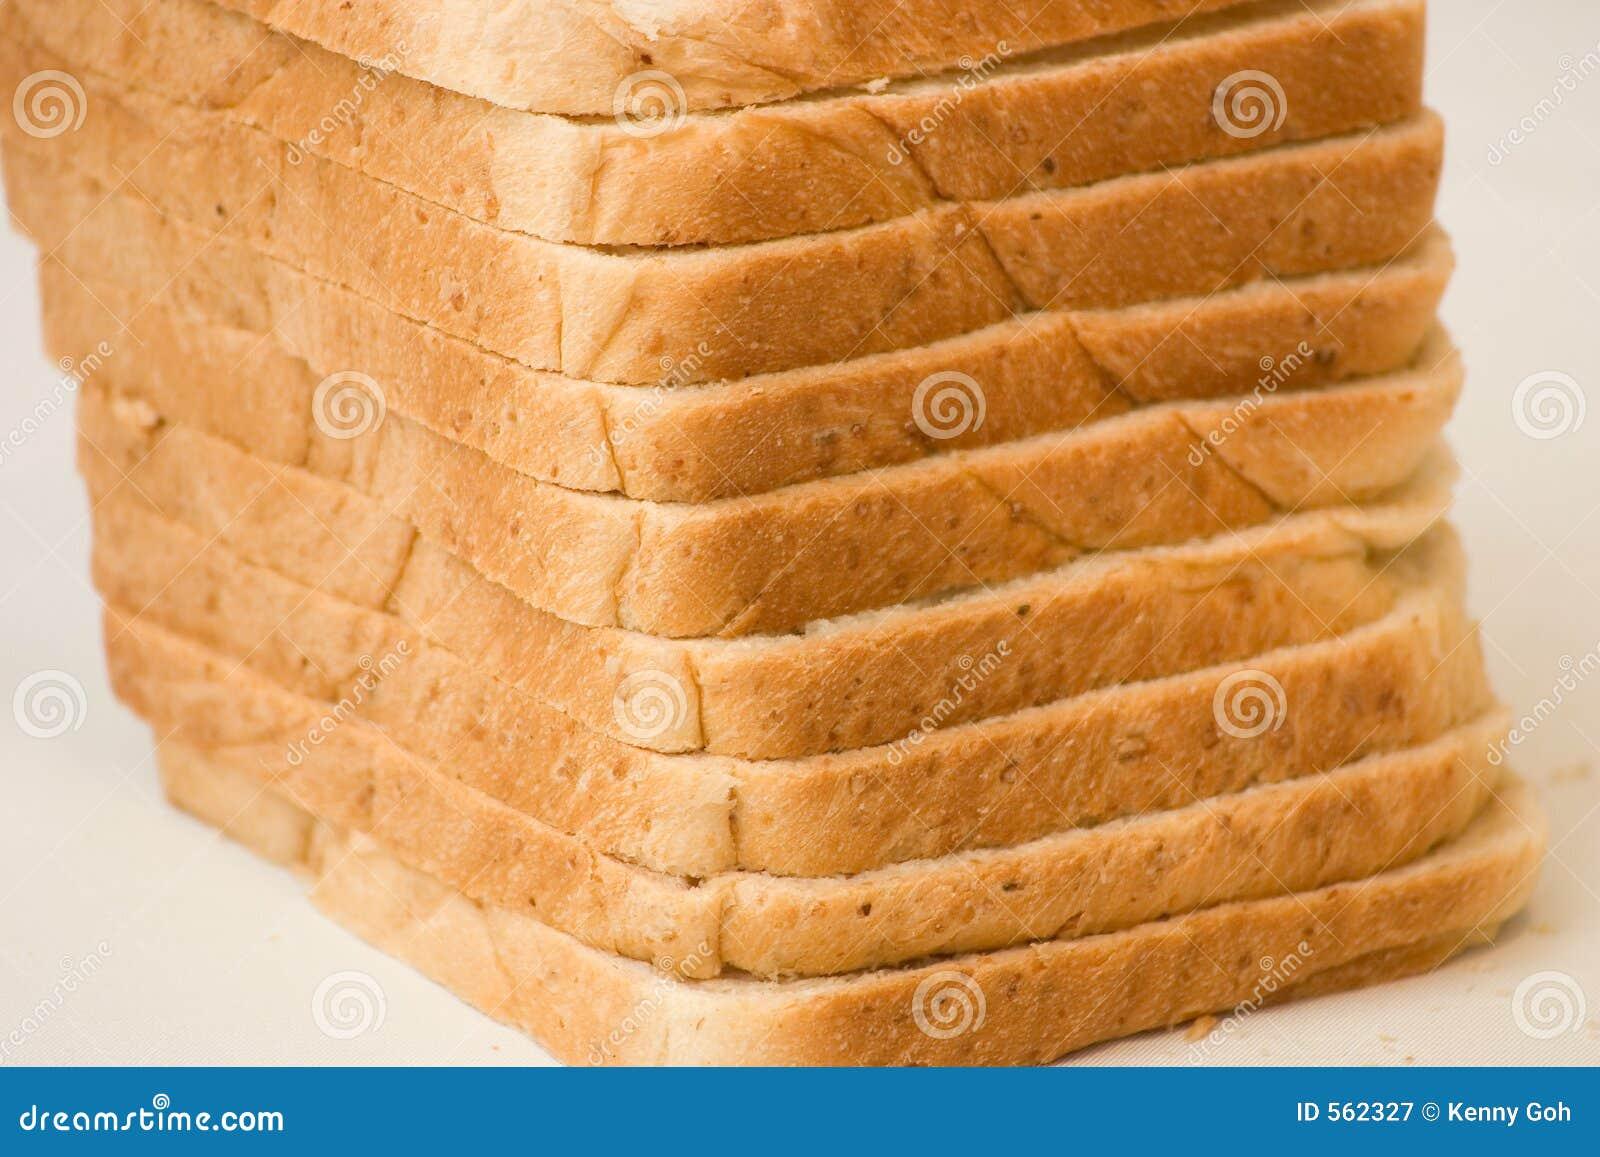 Pain coupé en tranches de pain